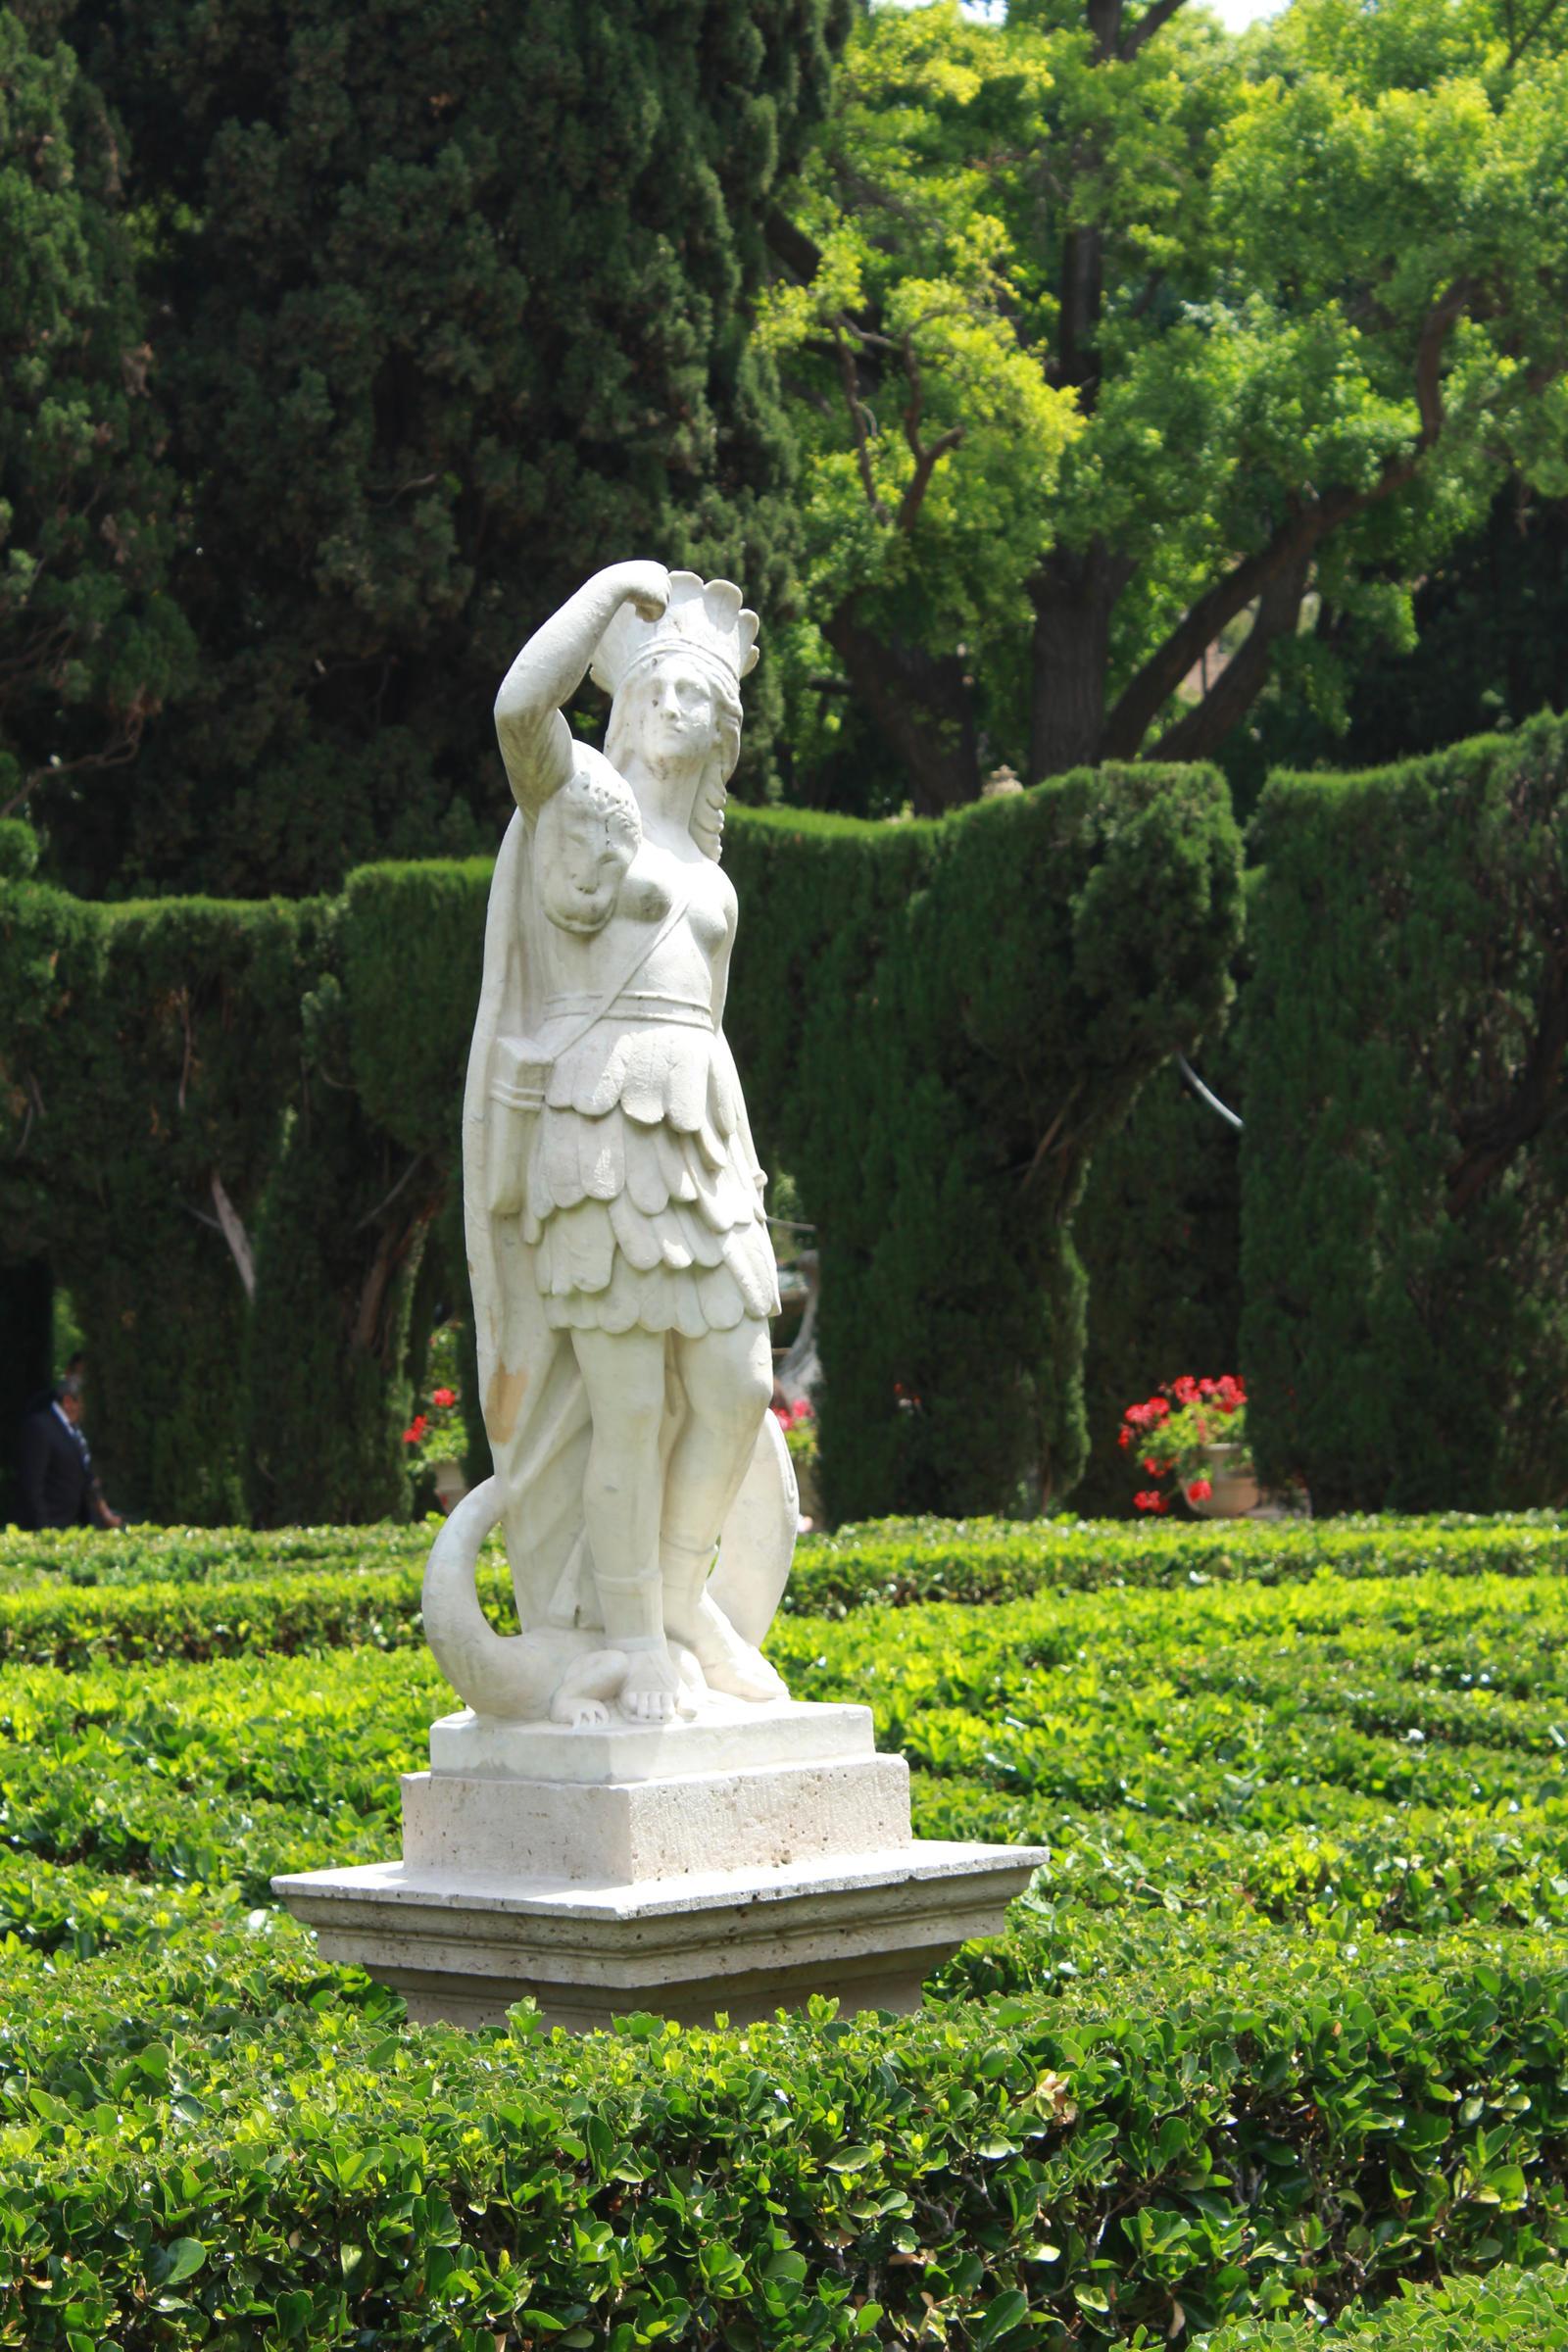 Greek Goddess Gardens Of Monforte 1 By Julianez On Deviantart